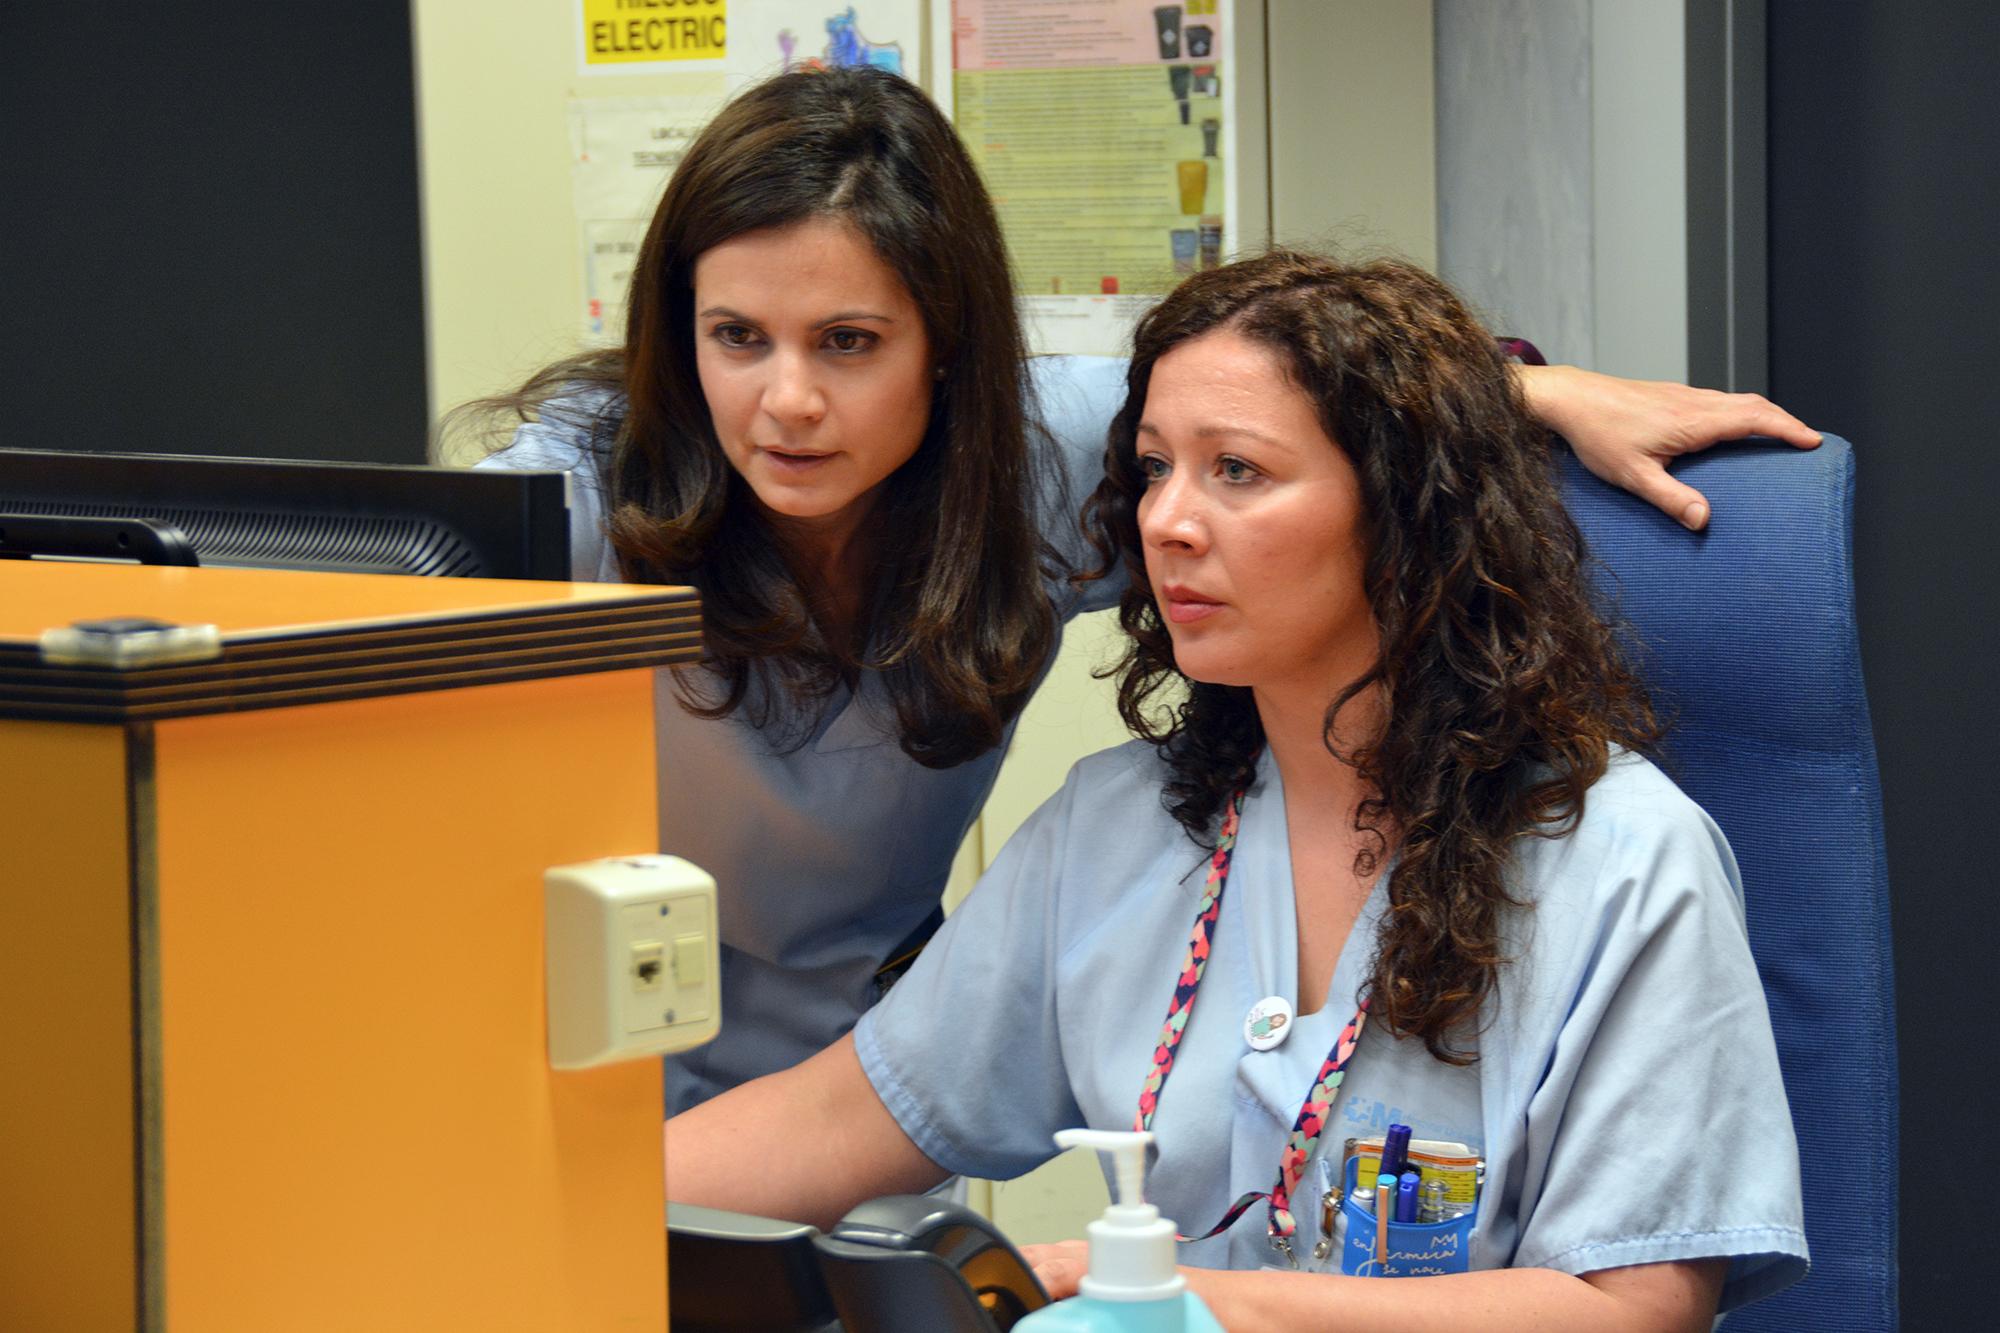 El SAS aprueba 51 plazas de Enfermera Especialista en la OEP de 2017